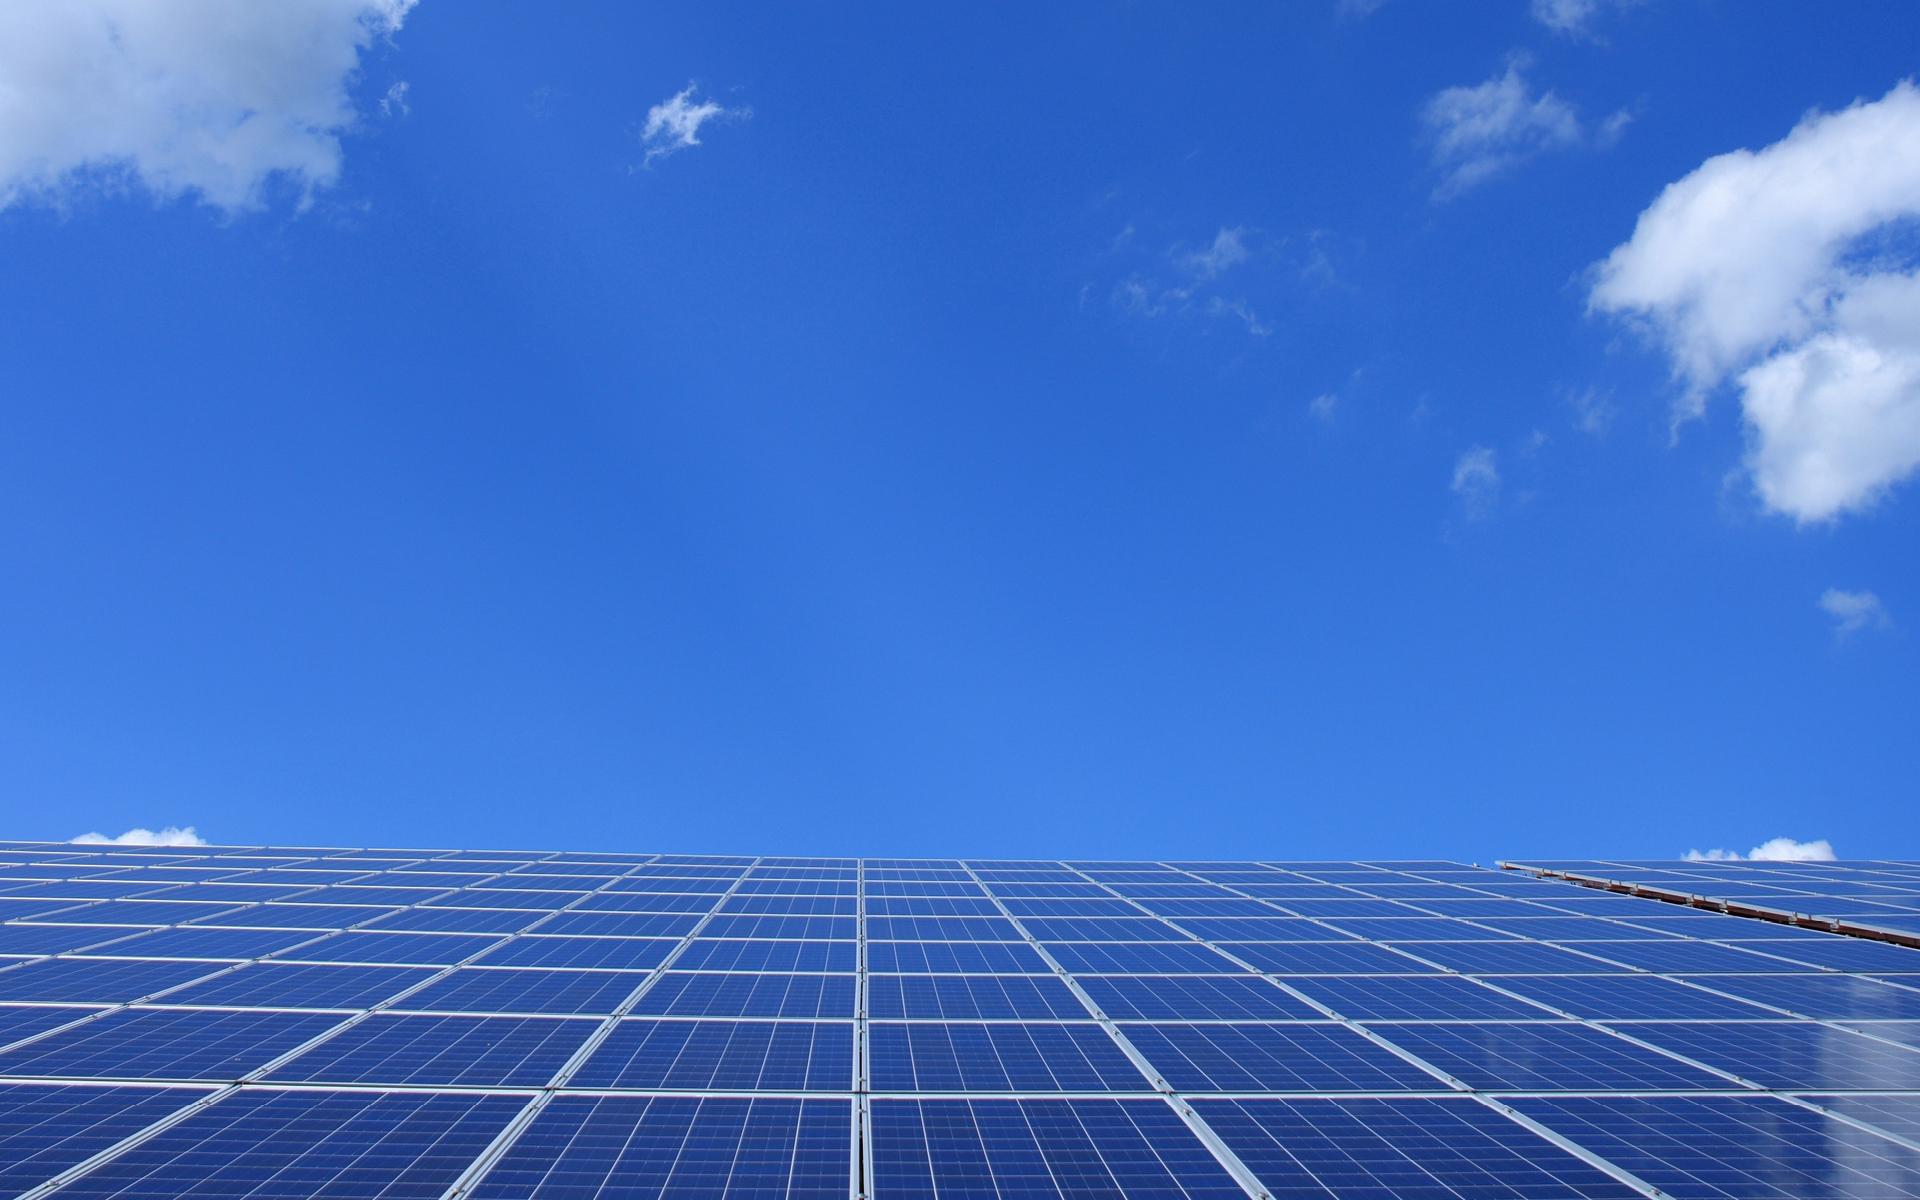 Subsidie zonnepanelen verlengd tot 2023